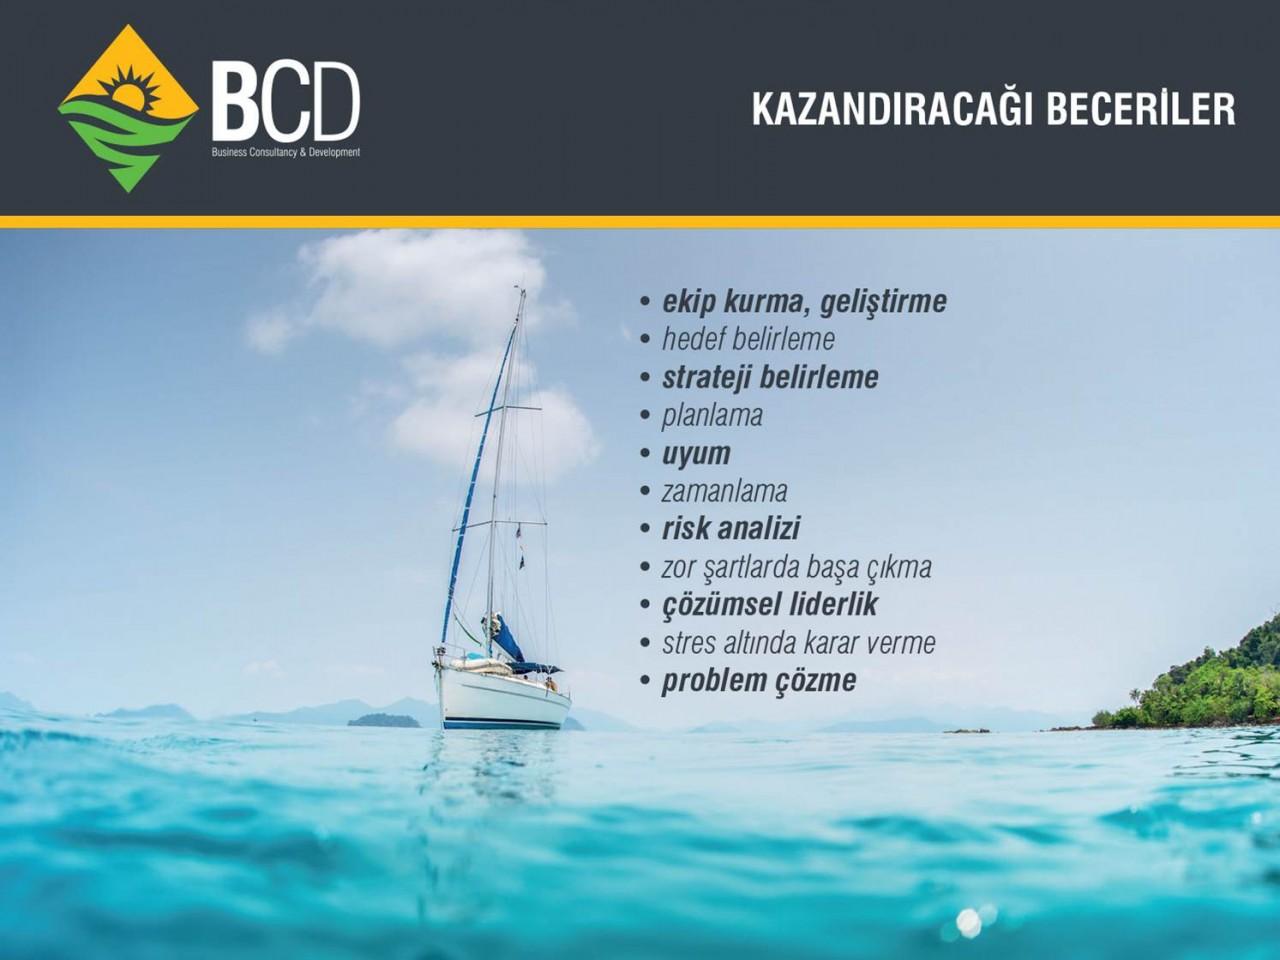 bcdturkey yelken liderlik takim ruhu 5 Yelkenli Tekne ile Liderlik ve Takım Ruhu Eğitimi